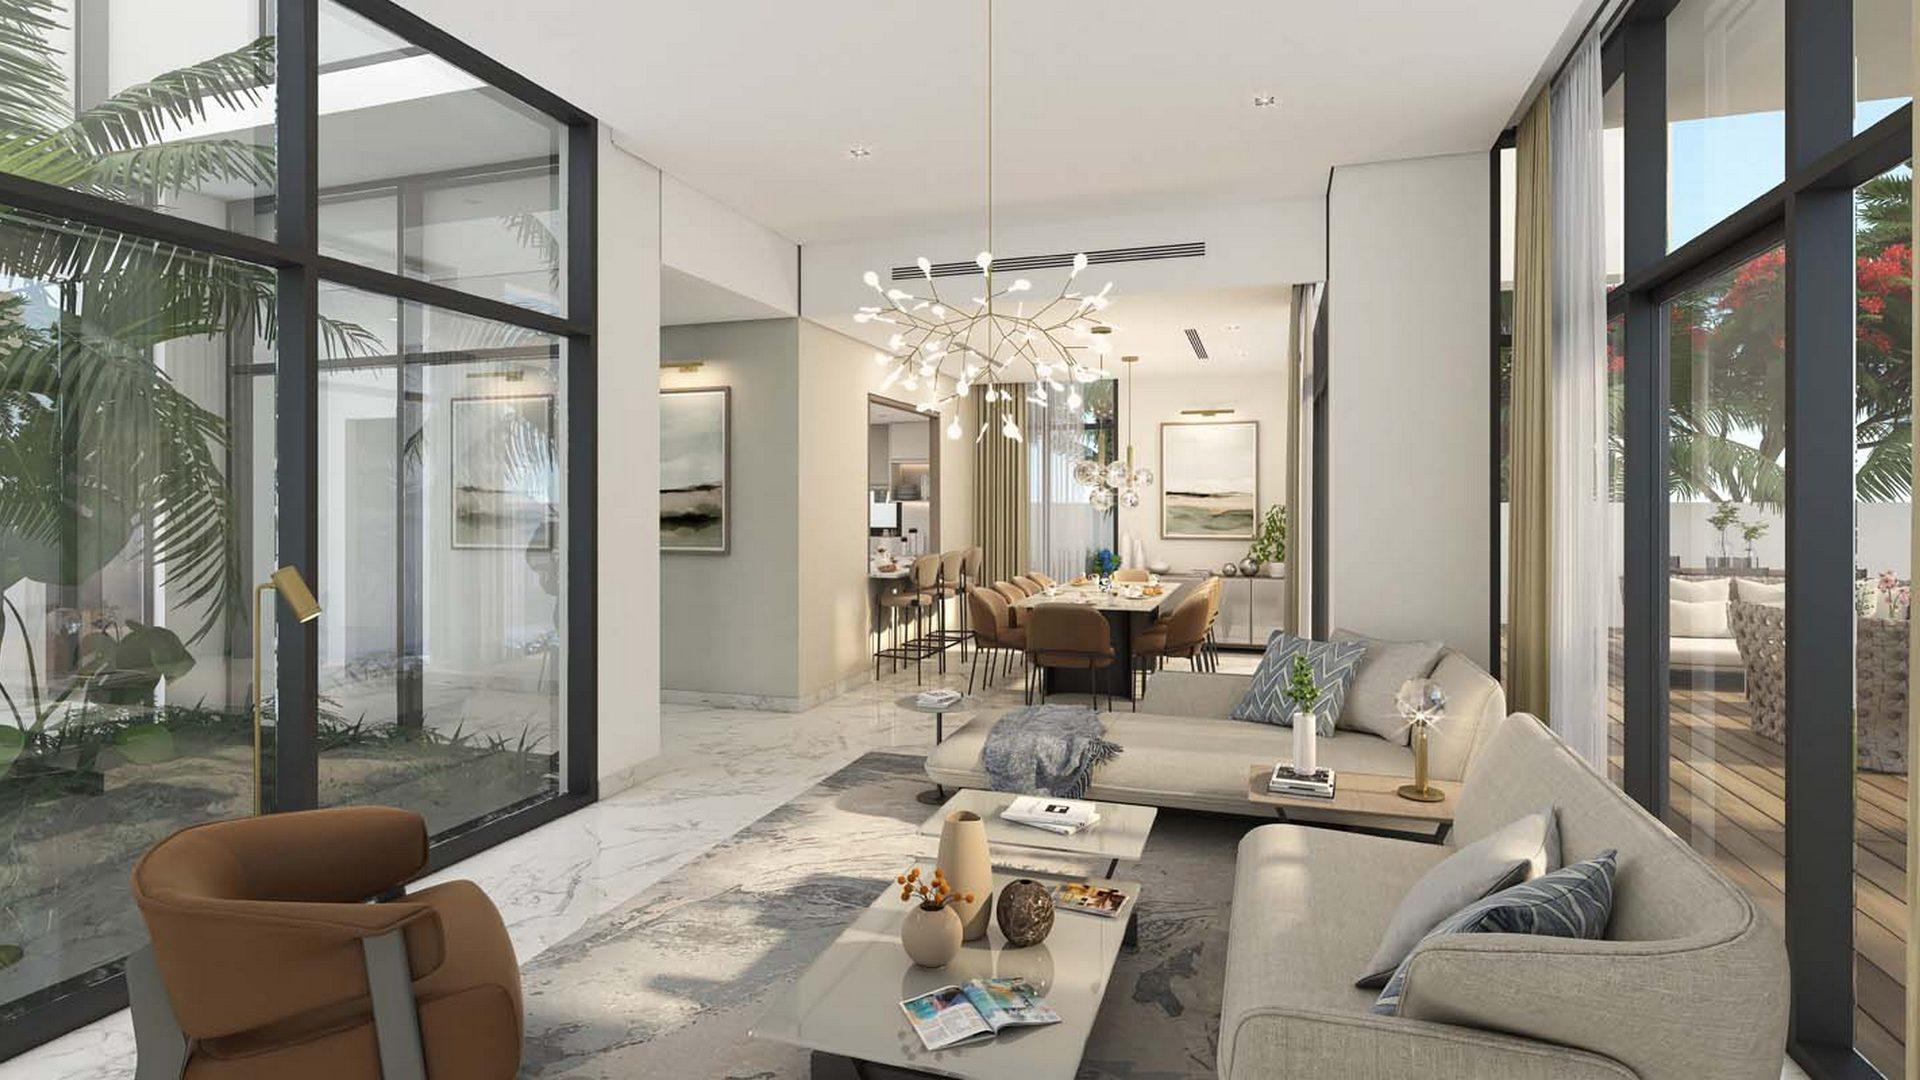 Adosado en venta en Dubai, EAU, 3 dormitorios, 278 m2, № 24531 – foto 1